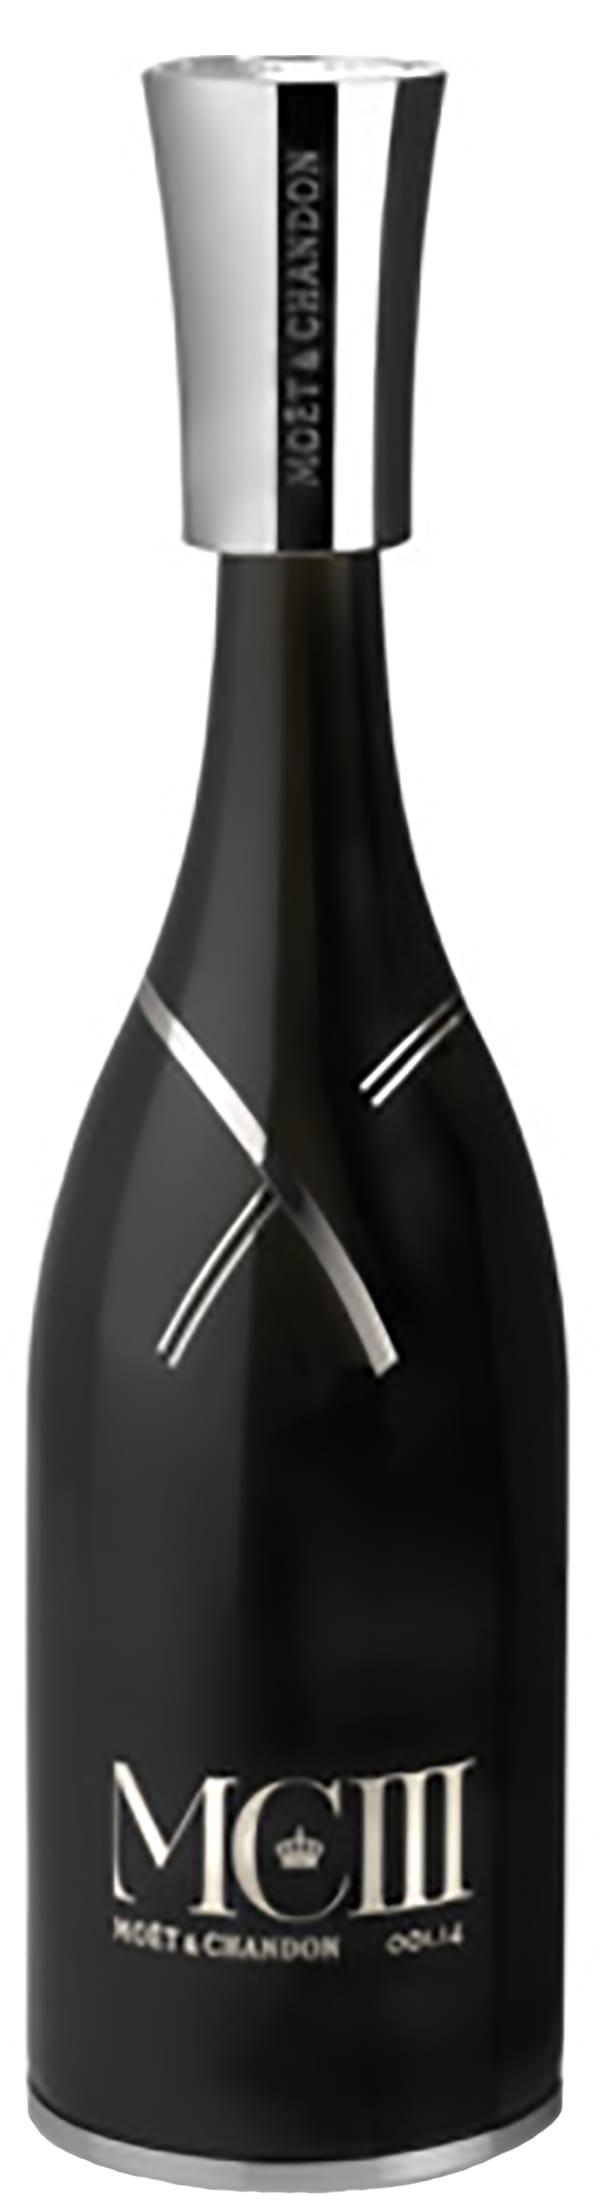 Moët & Chandon MCIII Champagne Brut